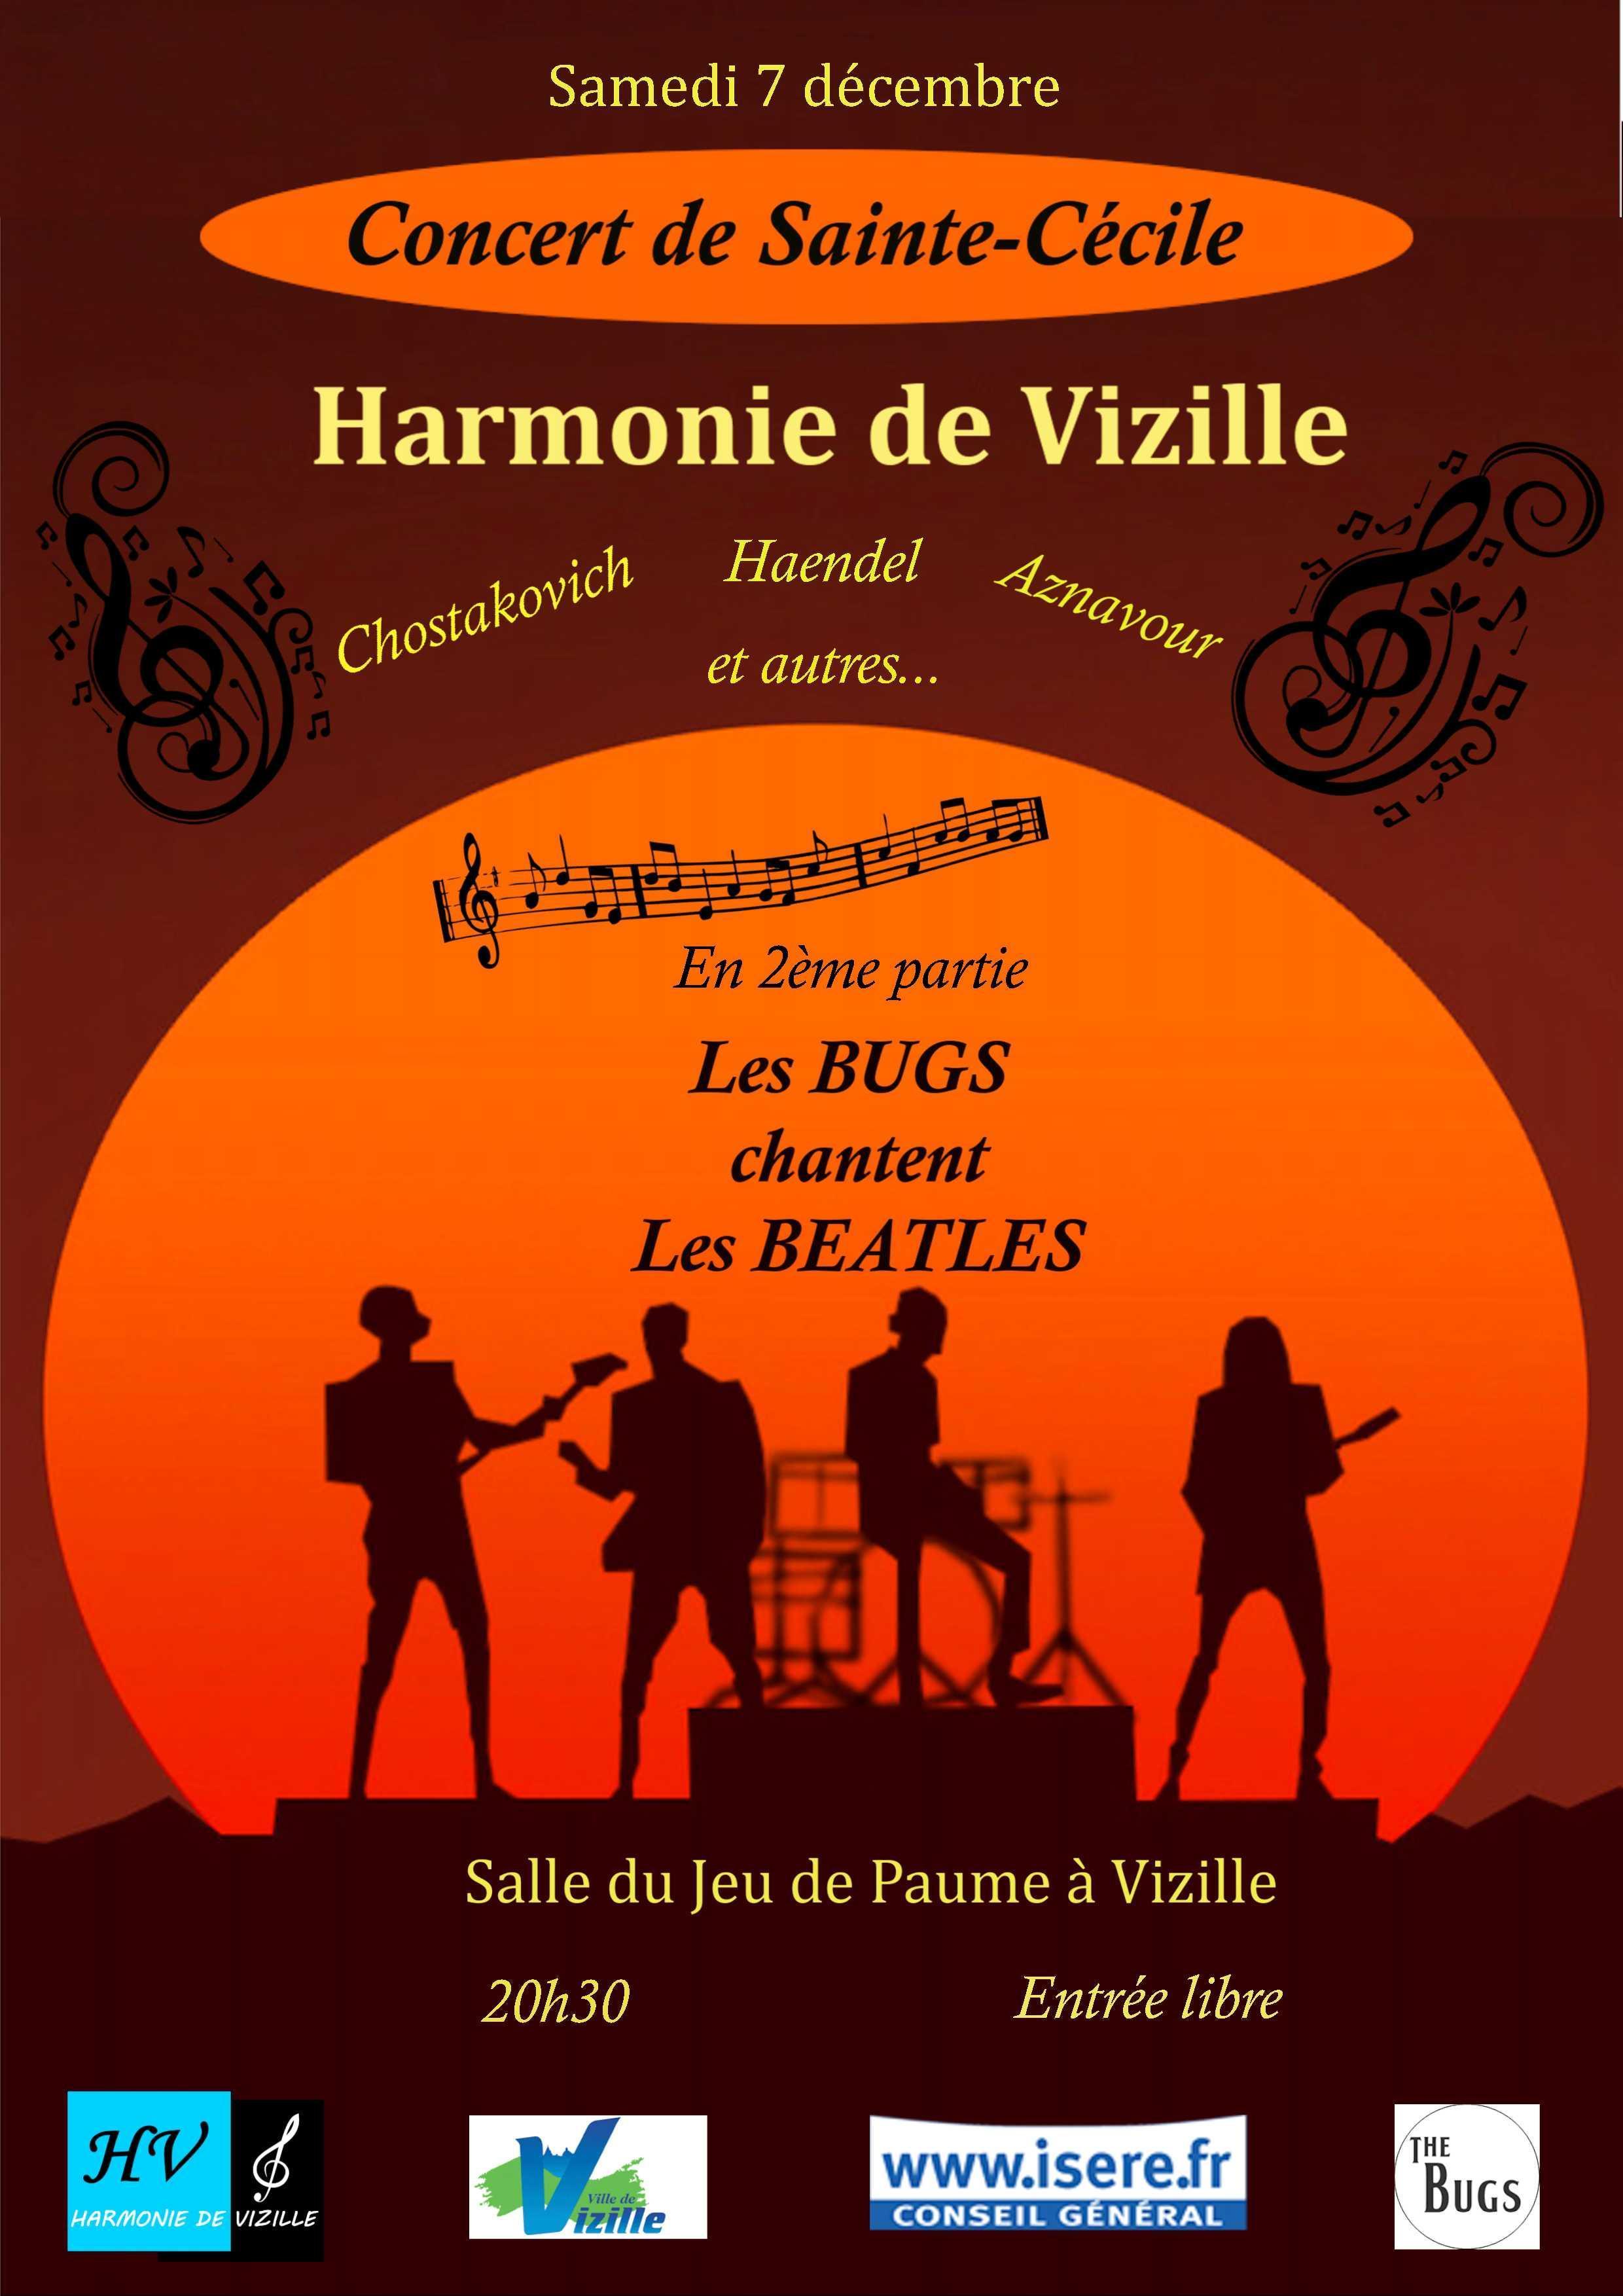 Concert Sainte cecile harmonie de Vizille